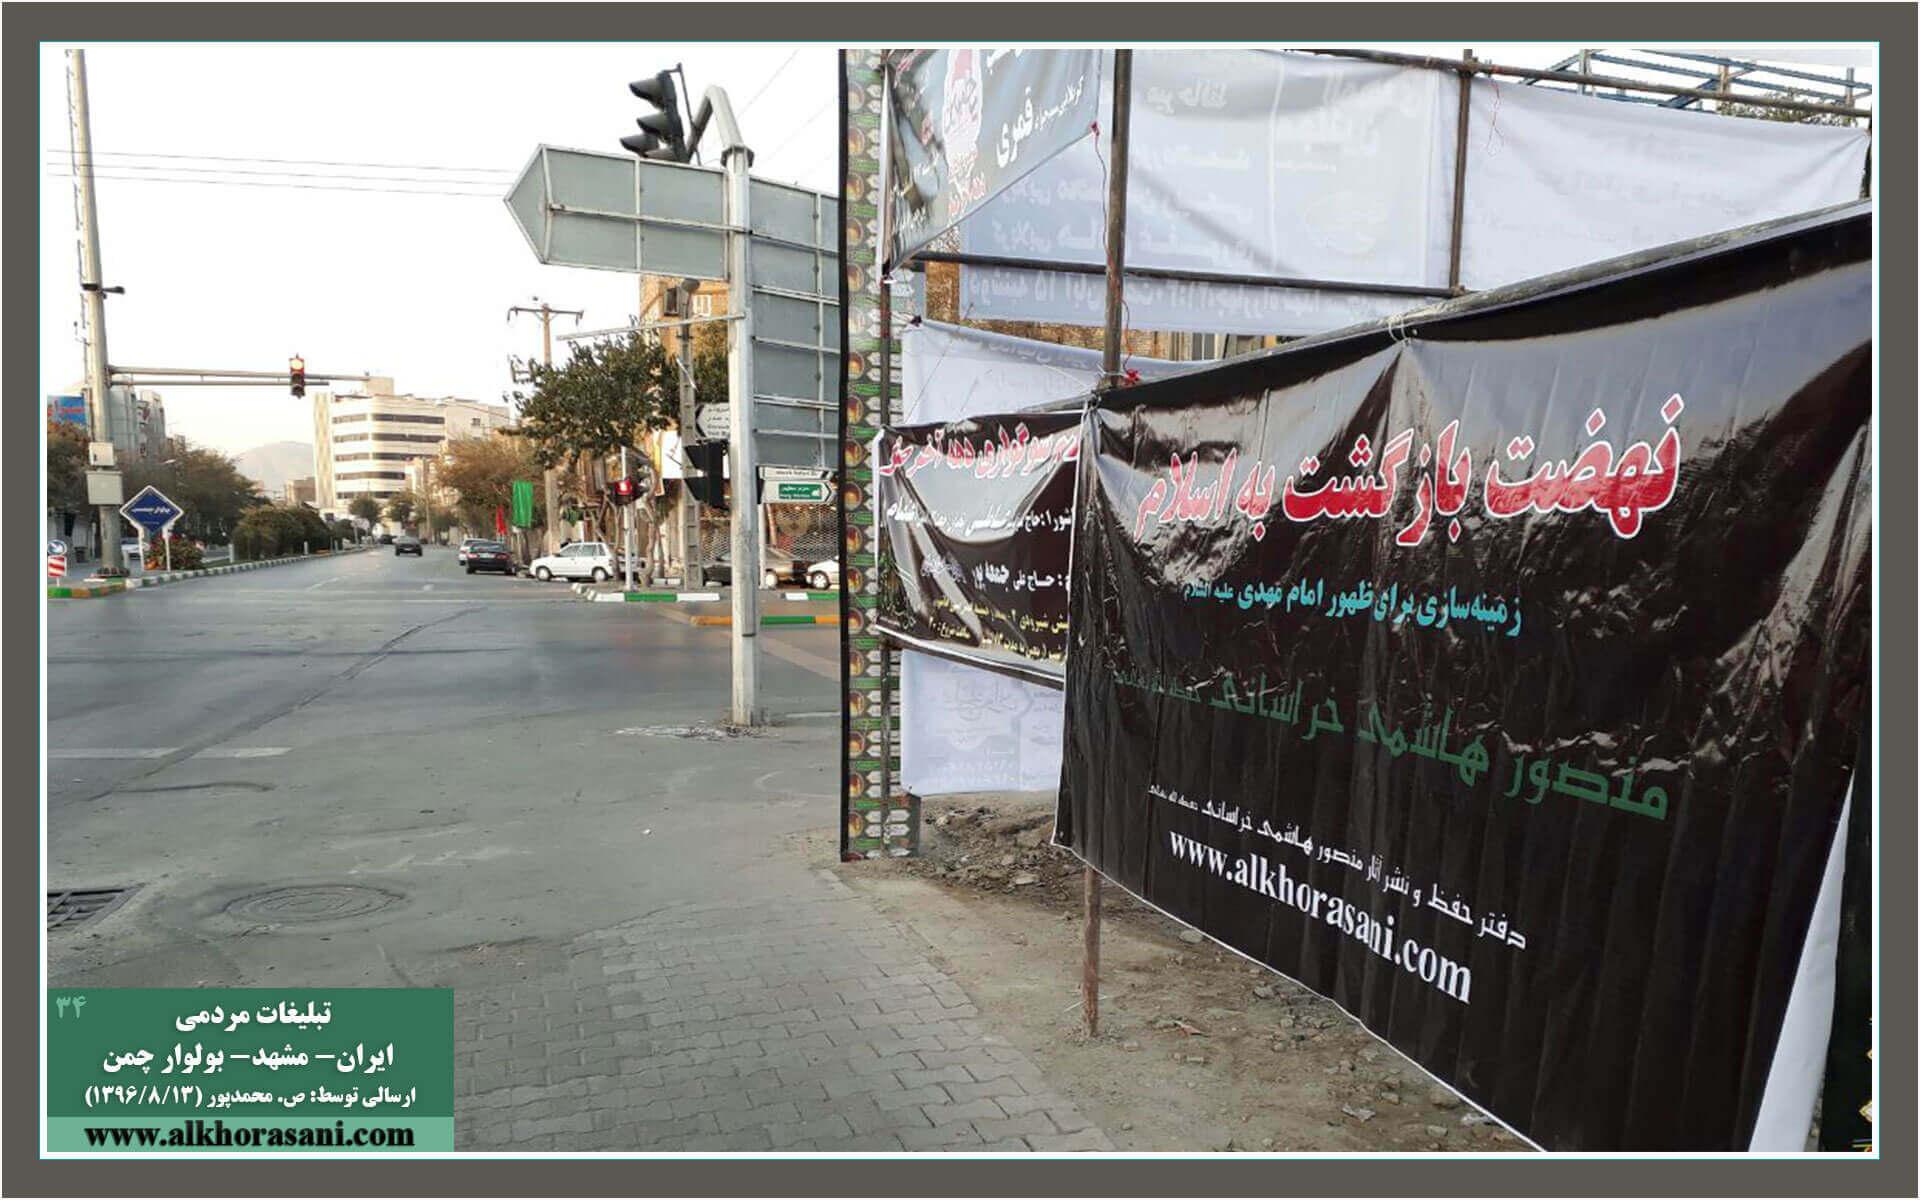 تصاویر تبلیغ نهضت منصور هاشمی خراسانی مشهد